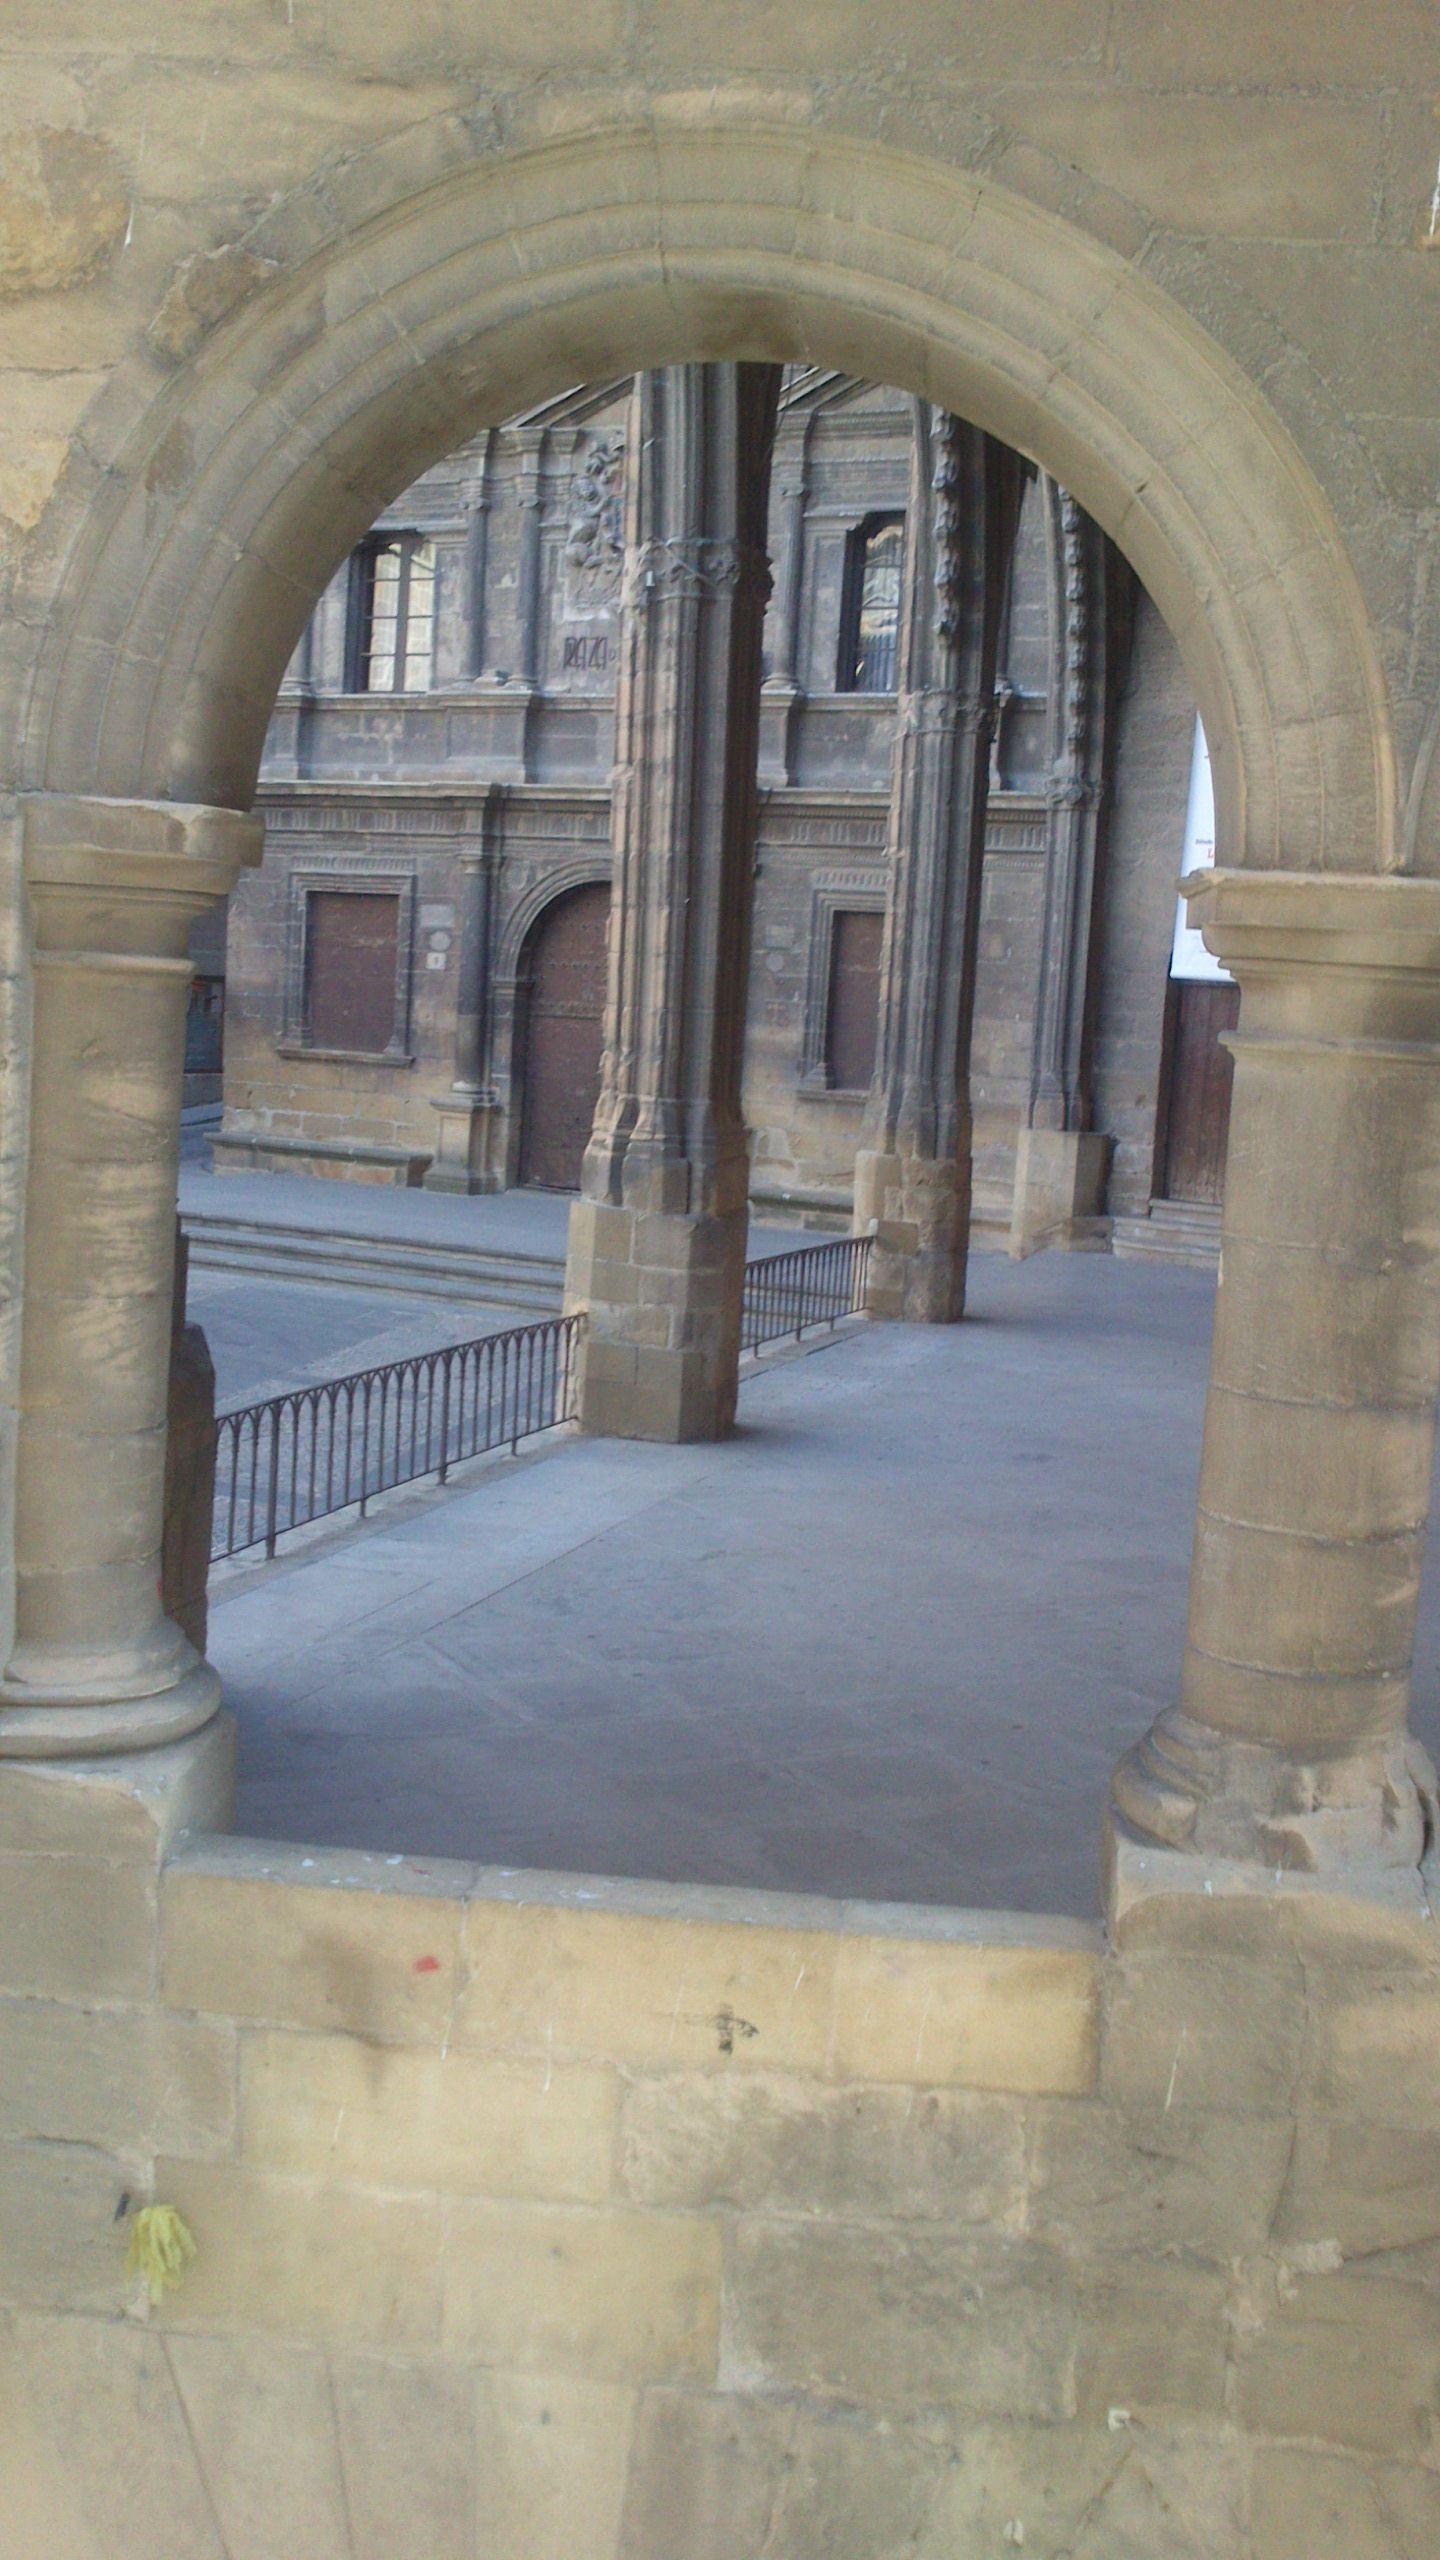 #turismo #Alcaniz #ciudadmedieval #lugarconencanto Un rincón precioso de la Plaza de España